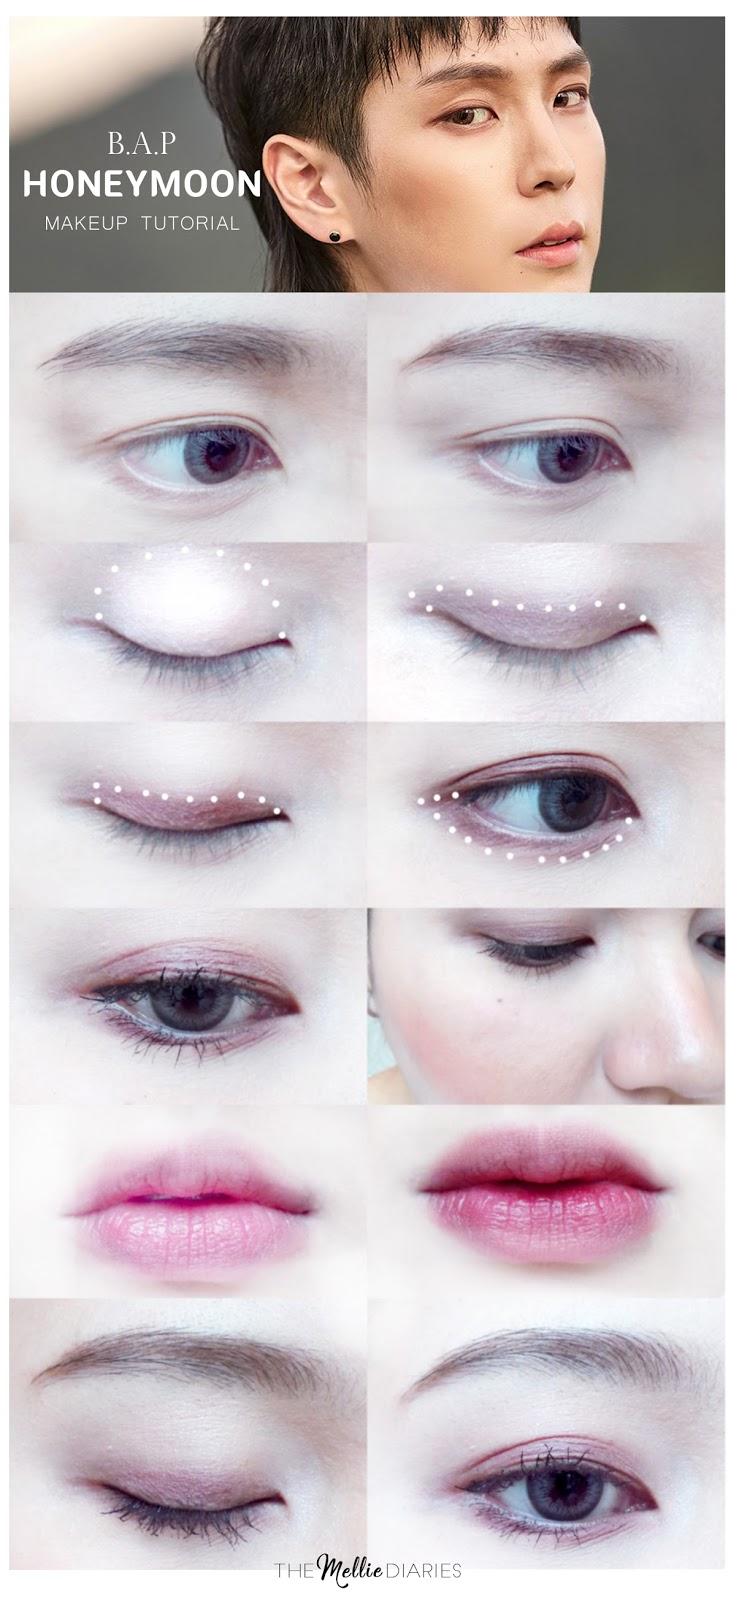 Makeup Tutorial B.A.P Honeymoon kpop kbeauty